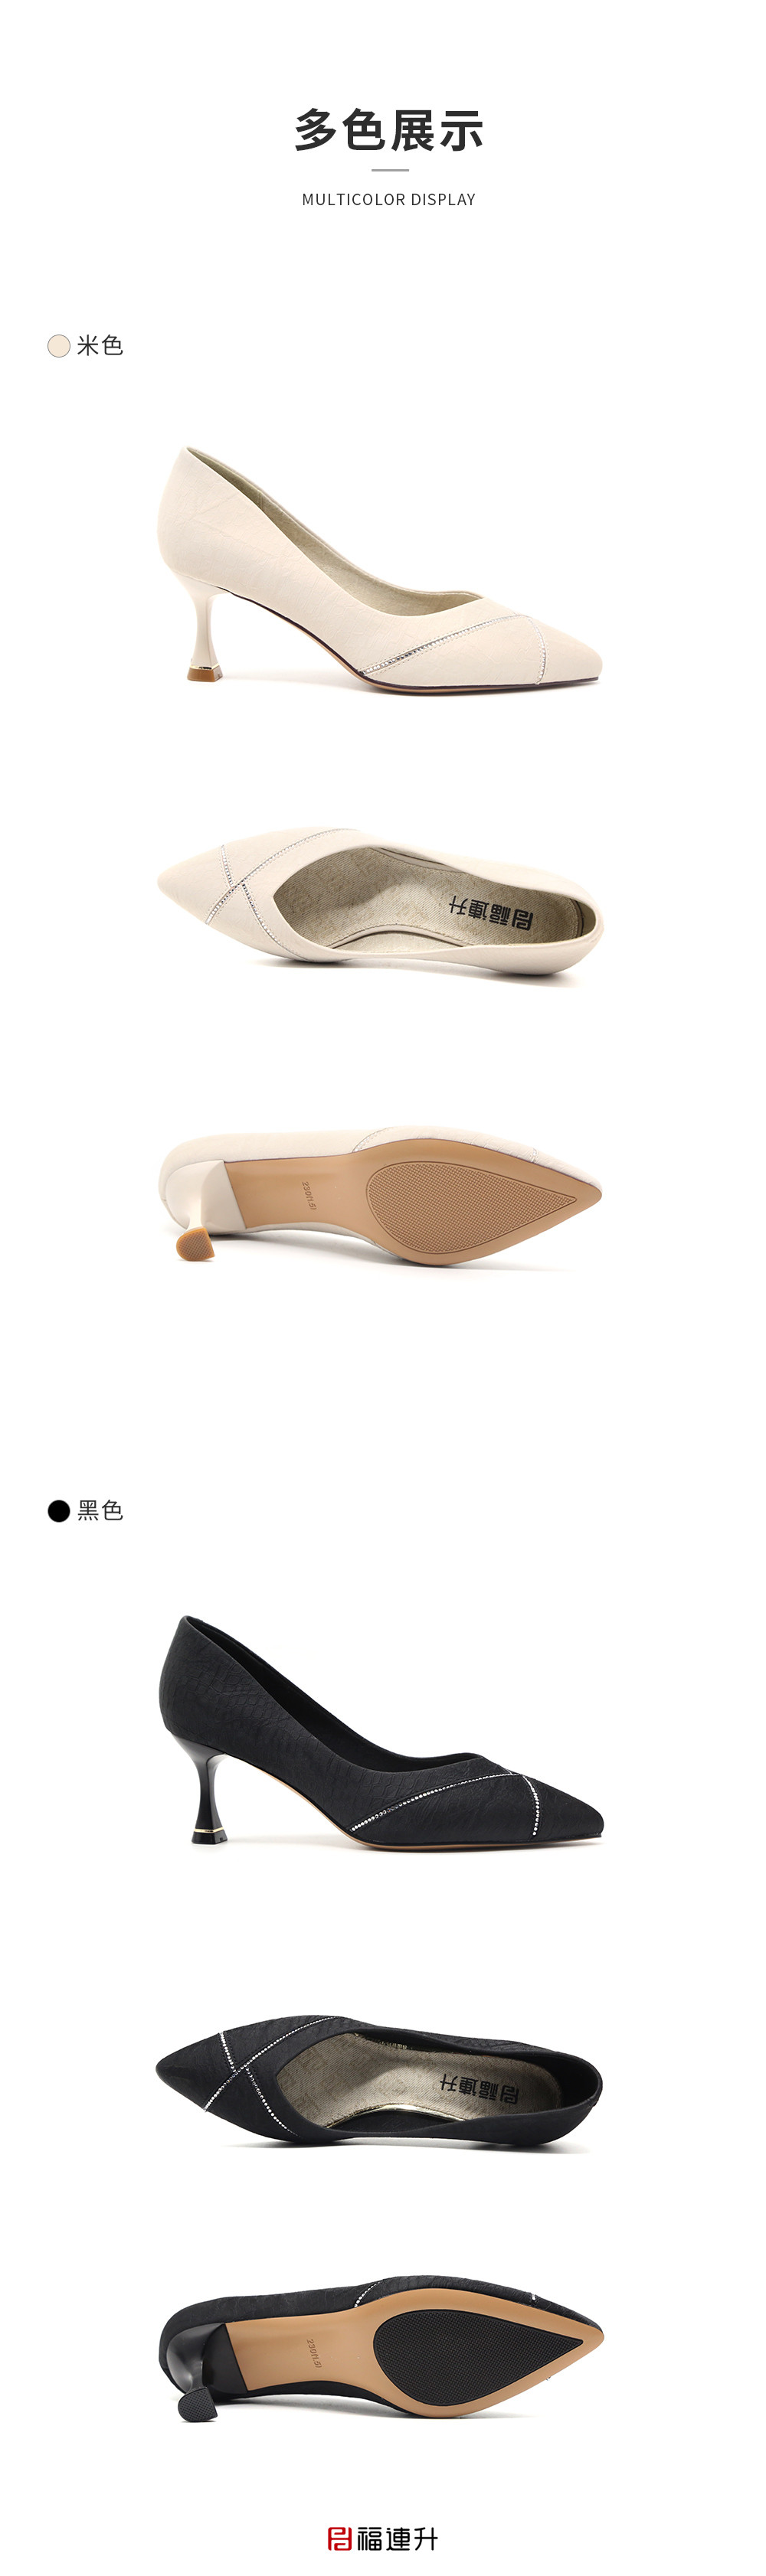 福连升舒适尖头细高跟鞋女简约气质单鞋职业工作女鞋图片